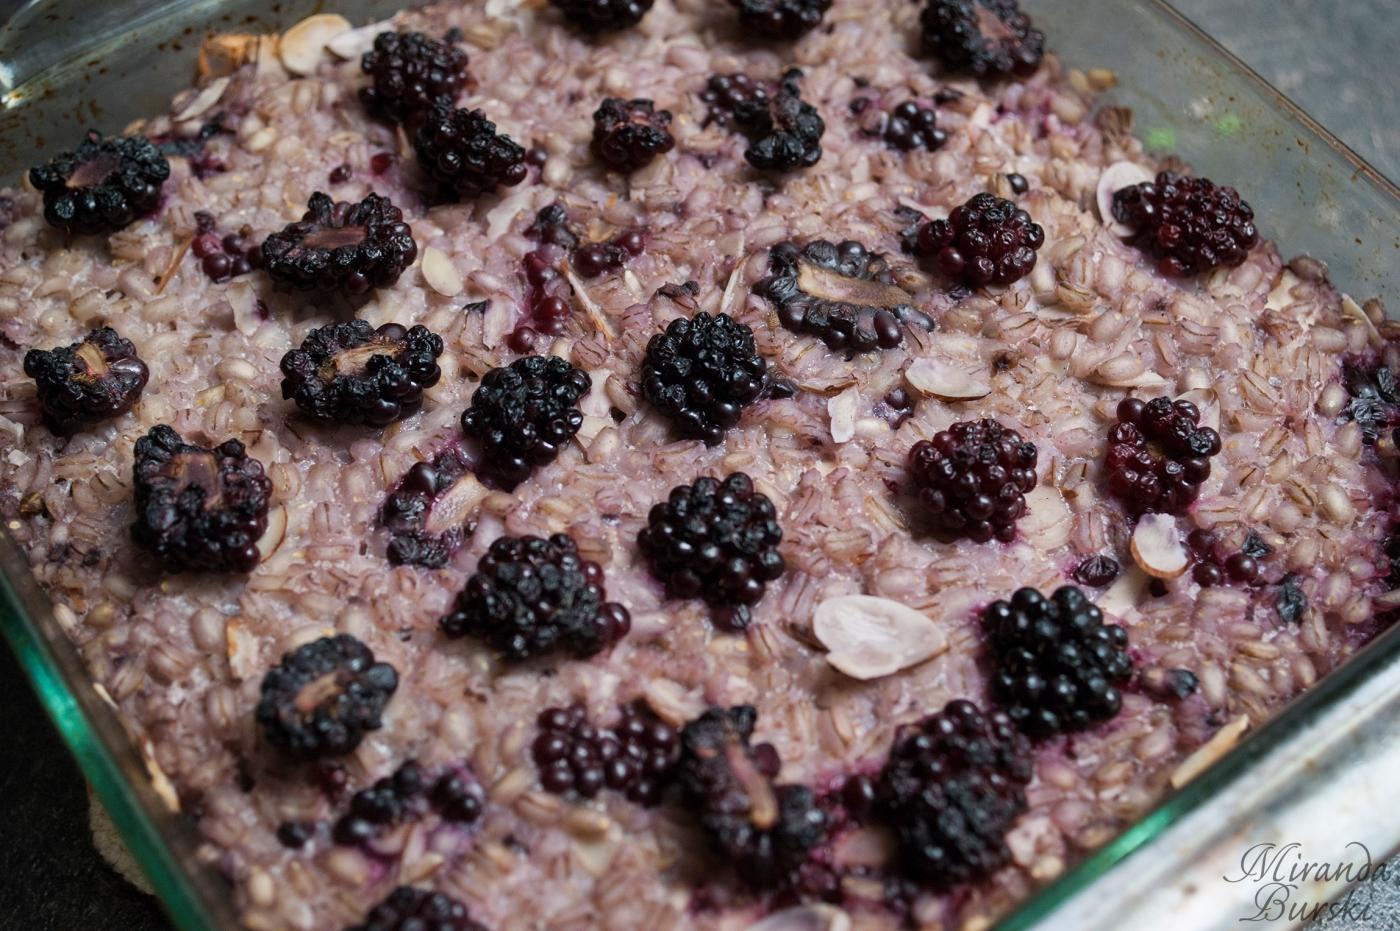 Blackberry Barley Bake